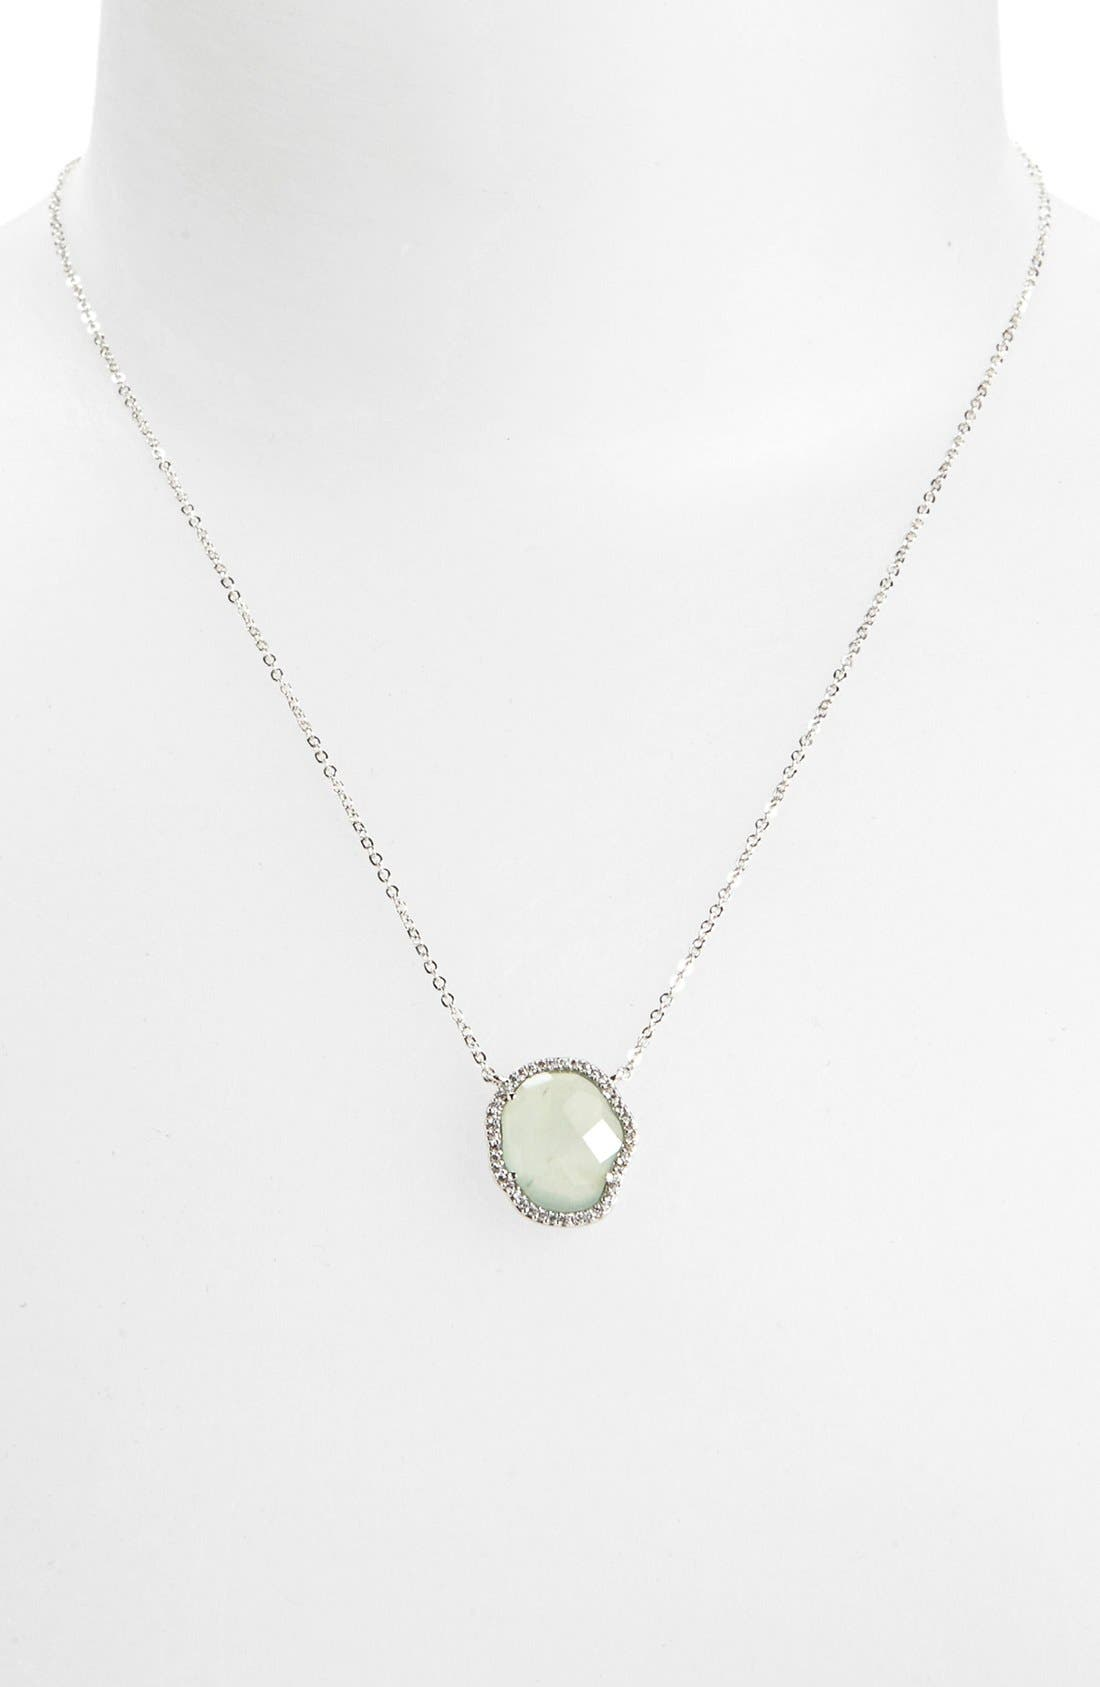 Alternate Image 1 Selected - Nadri Aquamarine Pendant Necklace (Nordstrom Exclusive)